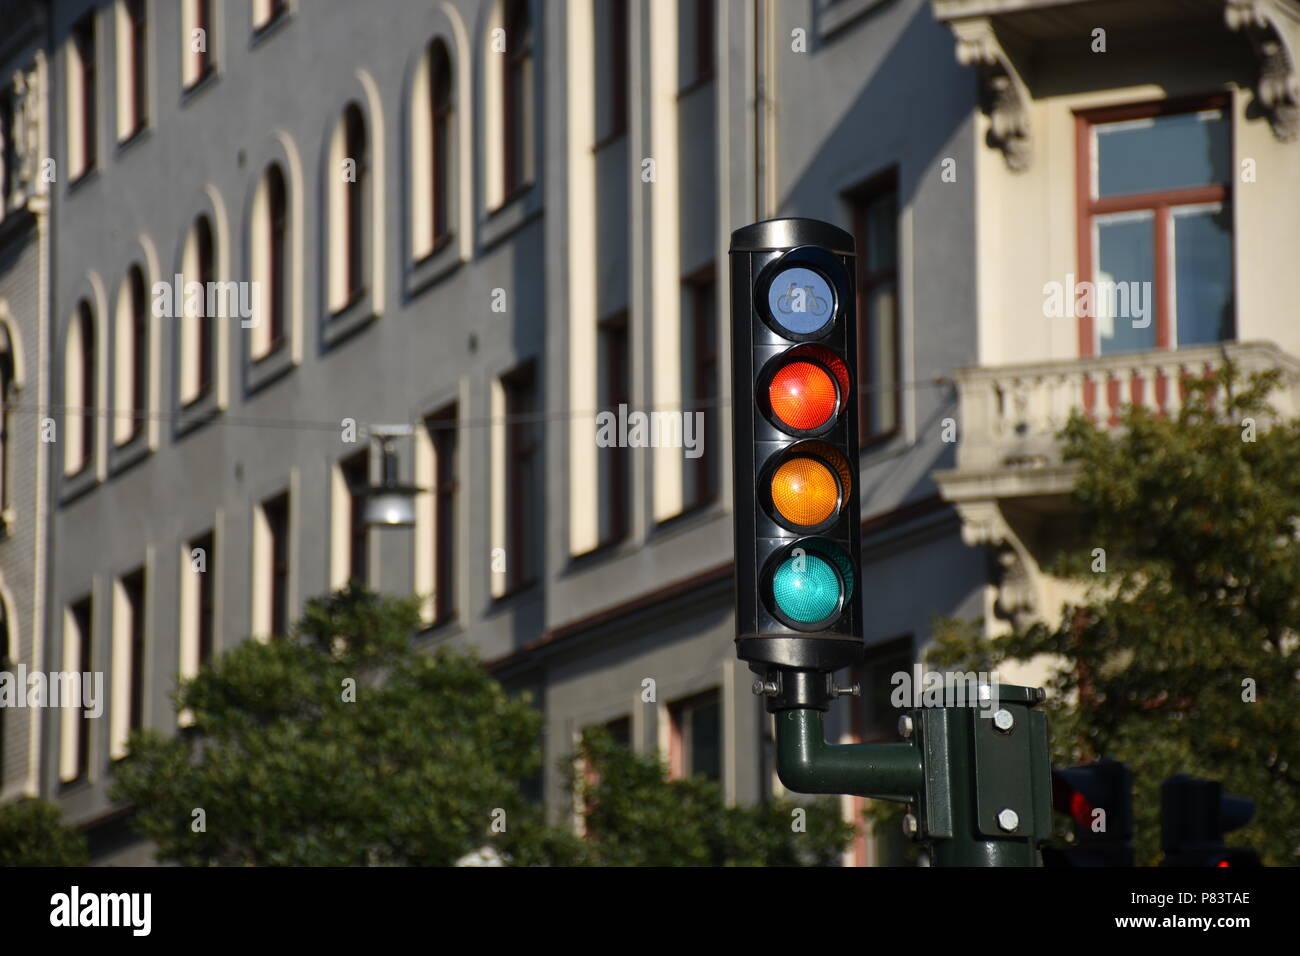 Stockholm, Schweden, Ampel, Verkehrsampel, Fußgängerampel, Sicherheit, regeln, Verkehr, Lampe, Licht, rot, gelb, grün, schwarz, Stadt, Hauptstadt, Ska Stock Photo